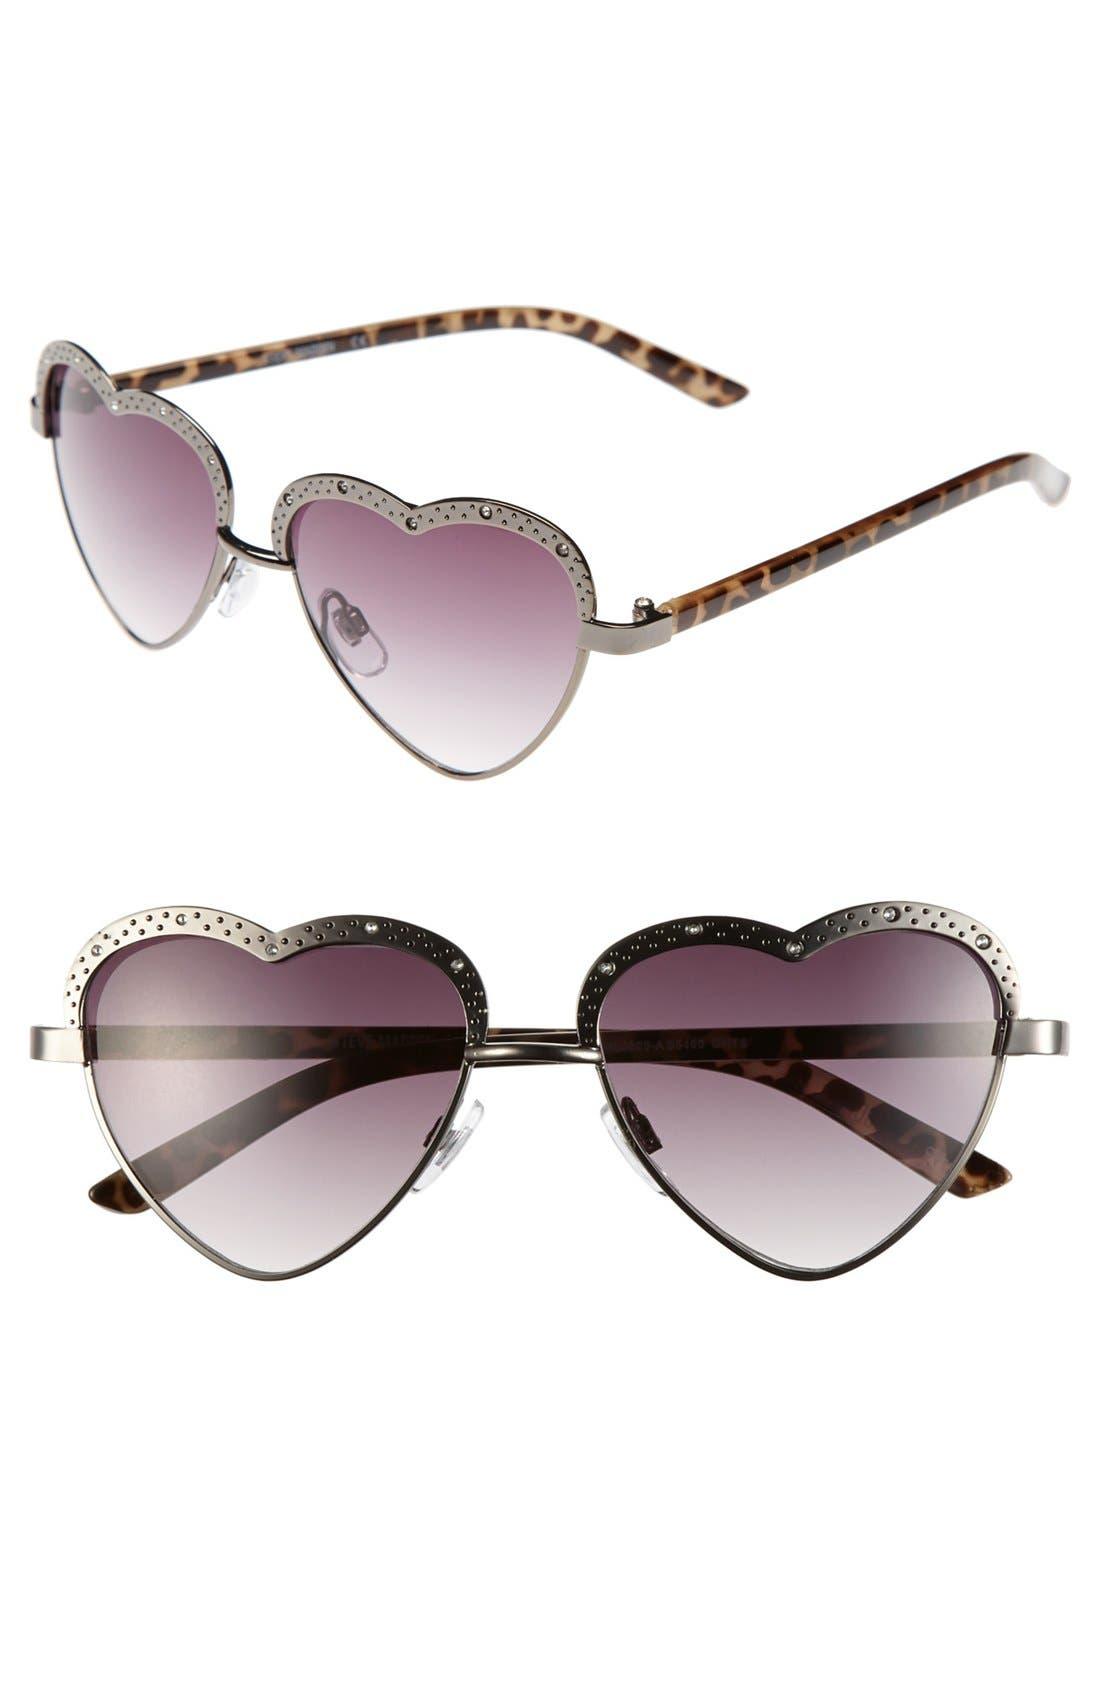 Main Image - Steve Madden 'Heart' 53mm Sunglasses